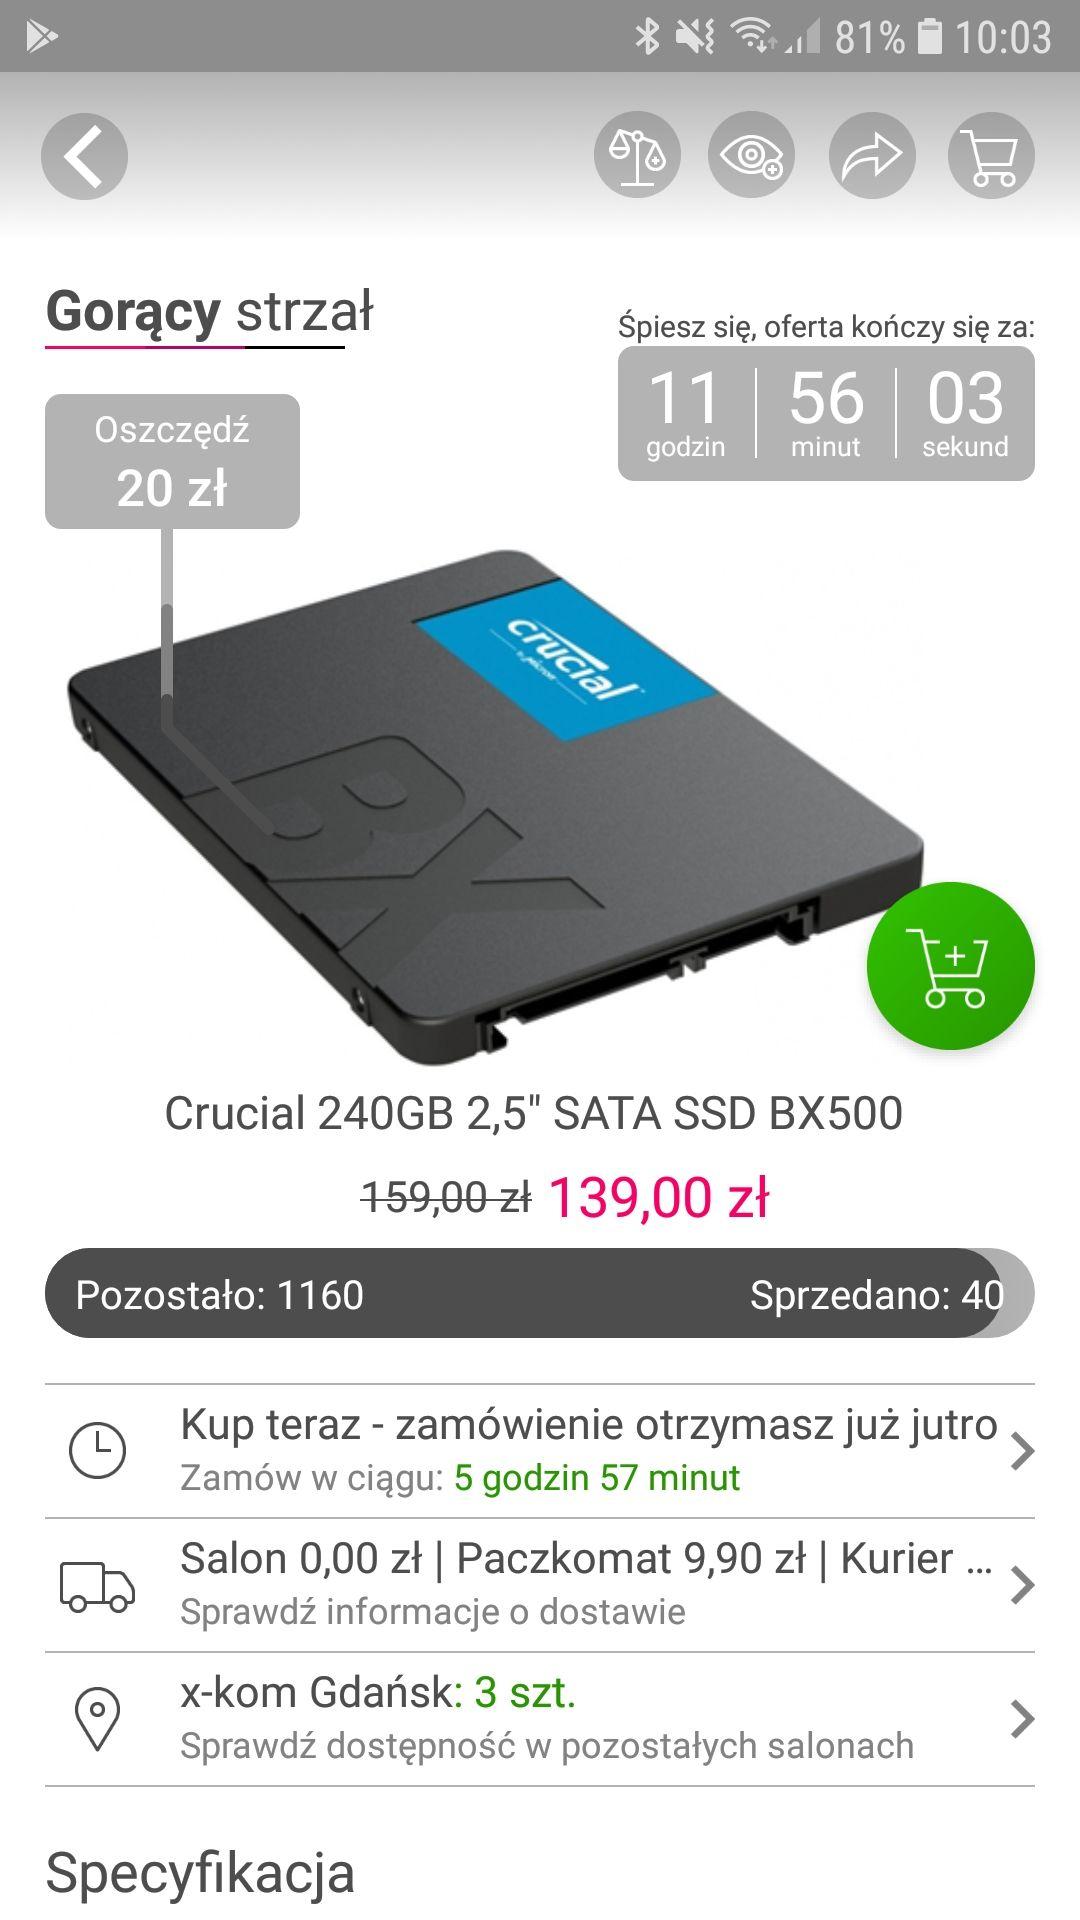 """Crucial 240GB 2,5"""" SATA SSD BX500 @xkom"""